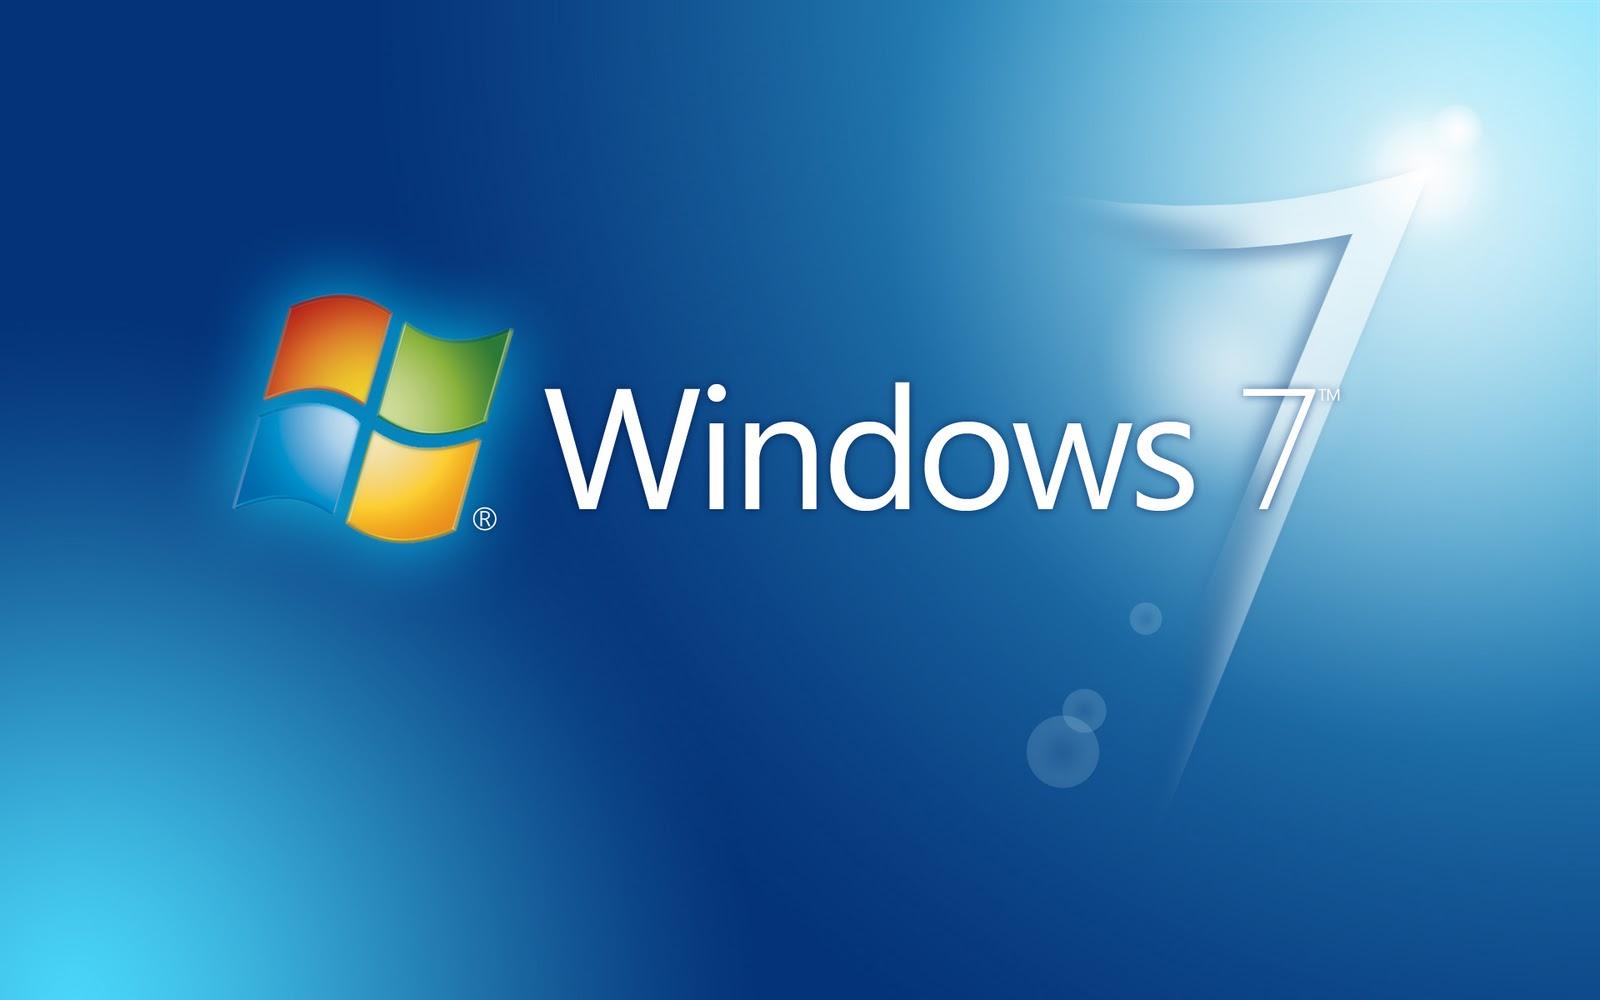 Dove posso scaricare Windows 7 gratis